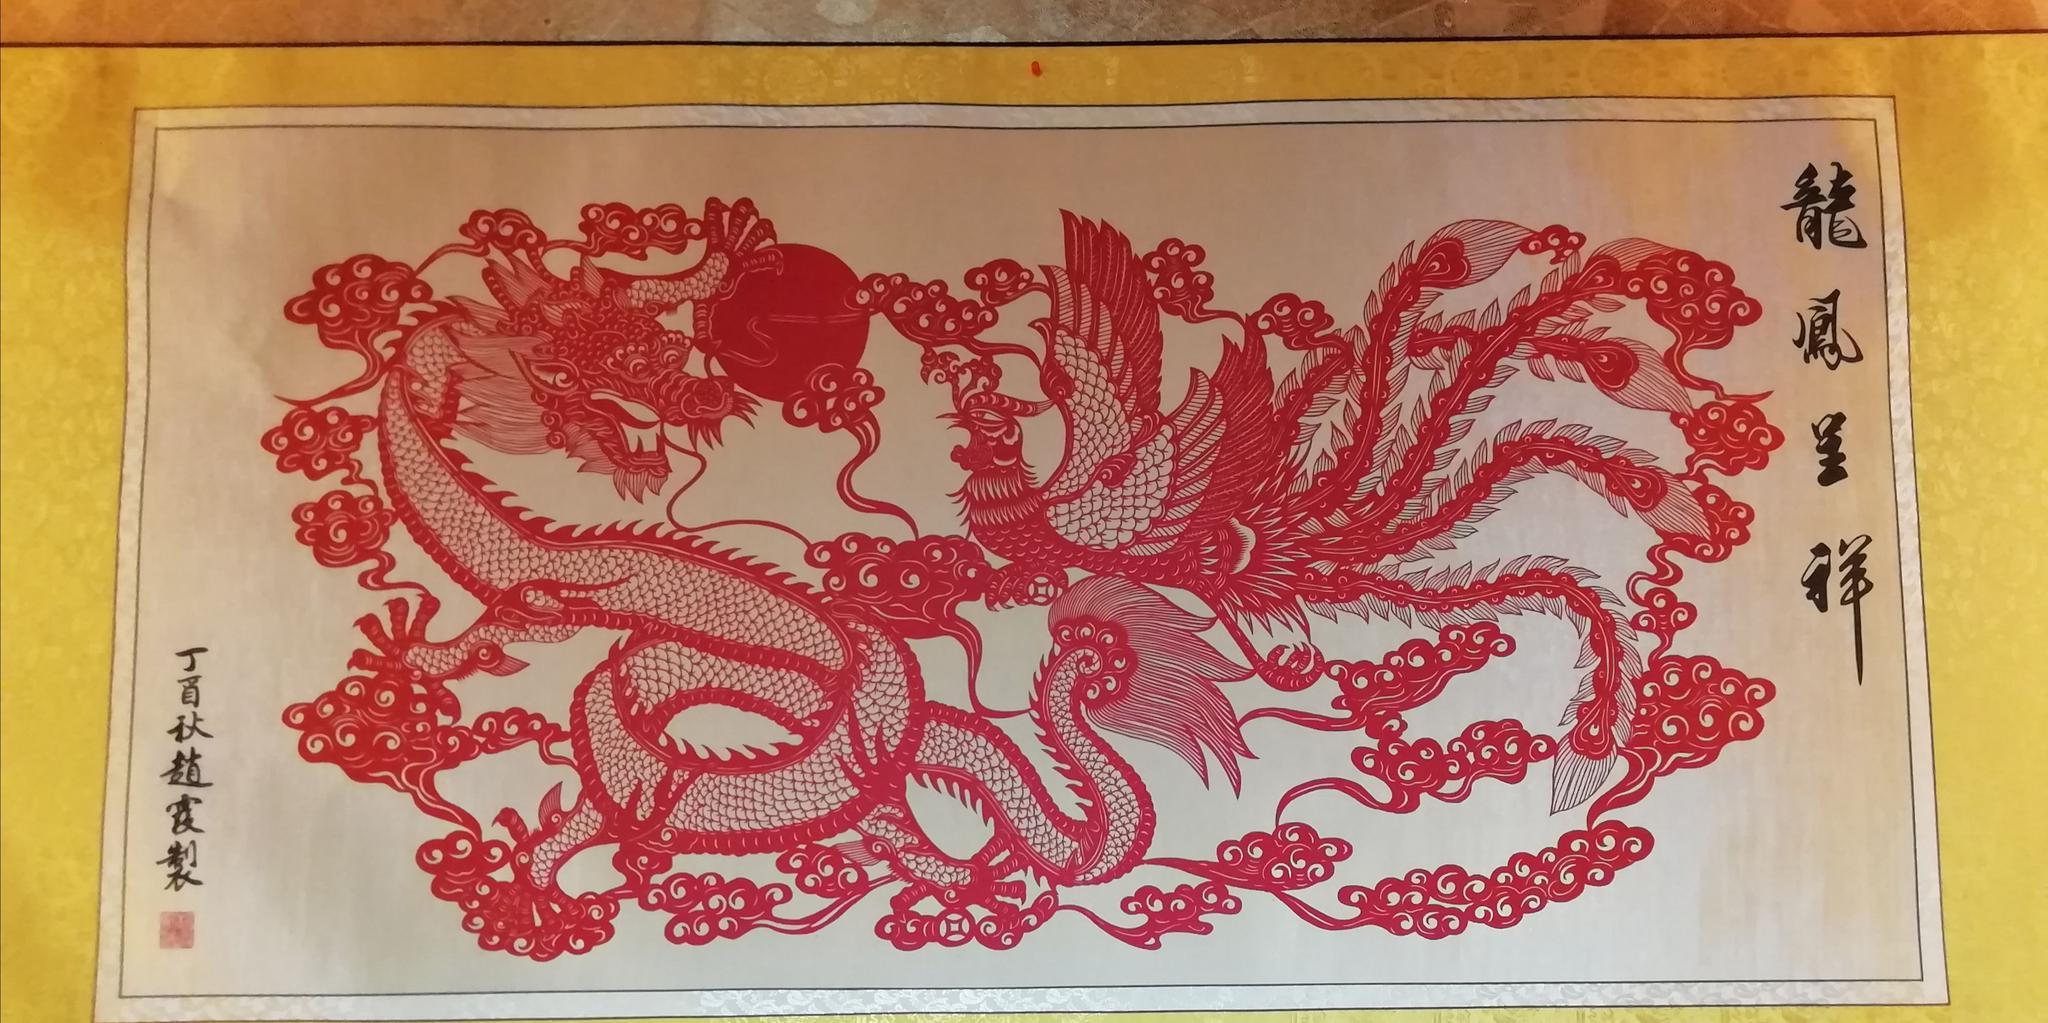 2019郑州剪纸展览上的优秀作品保存学习